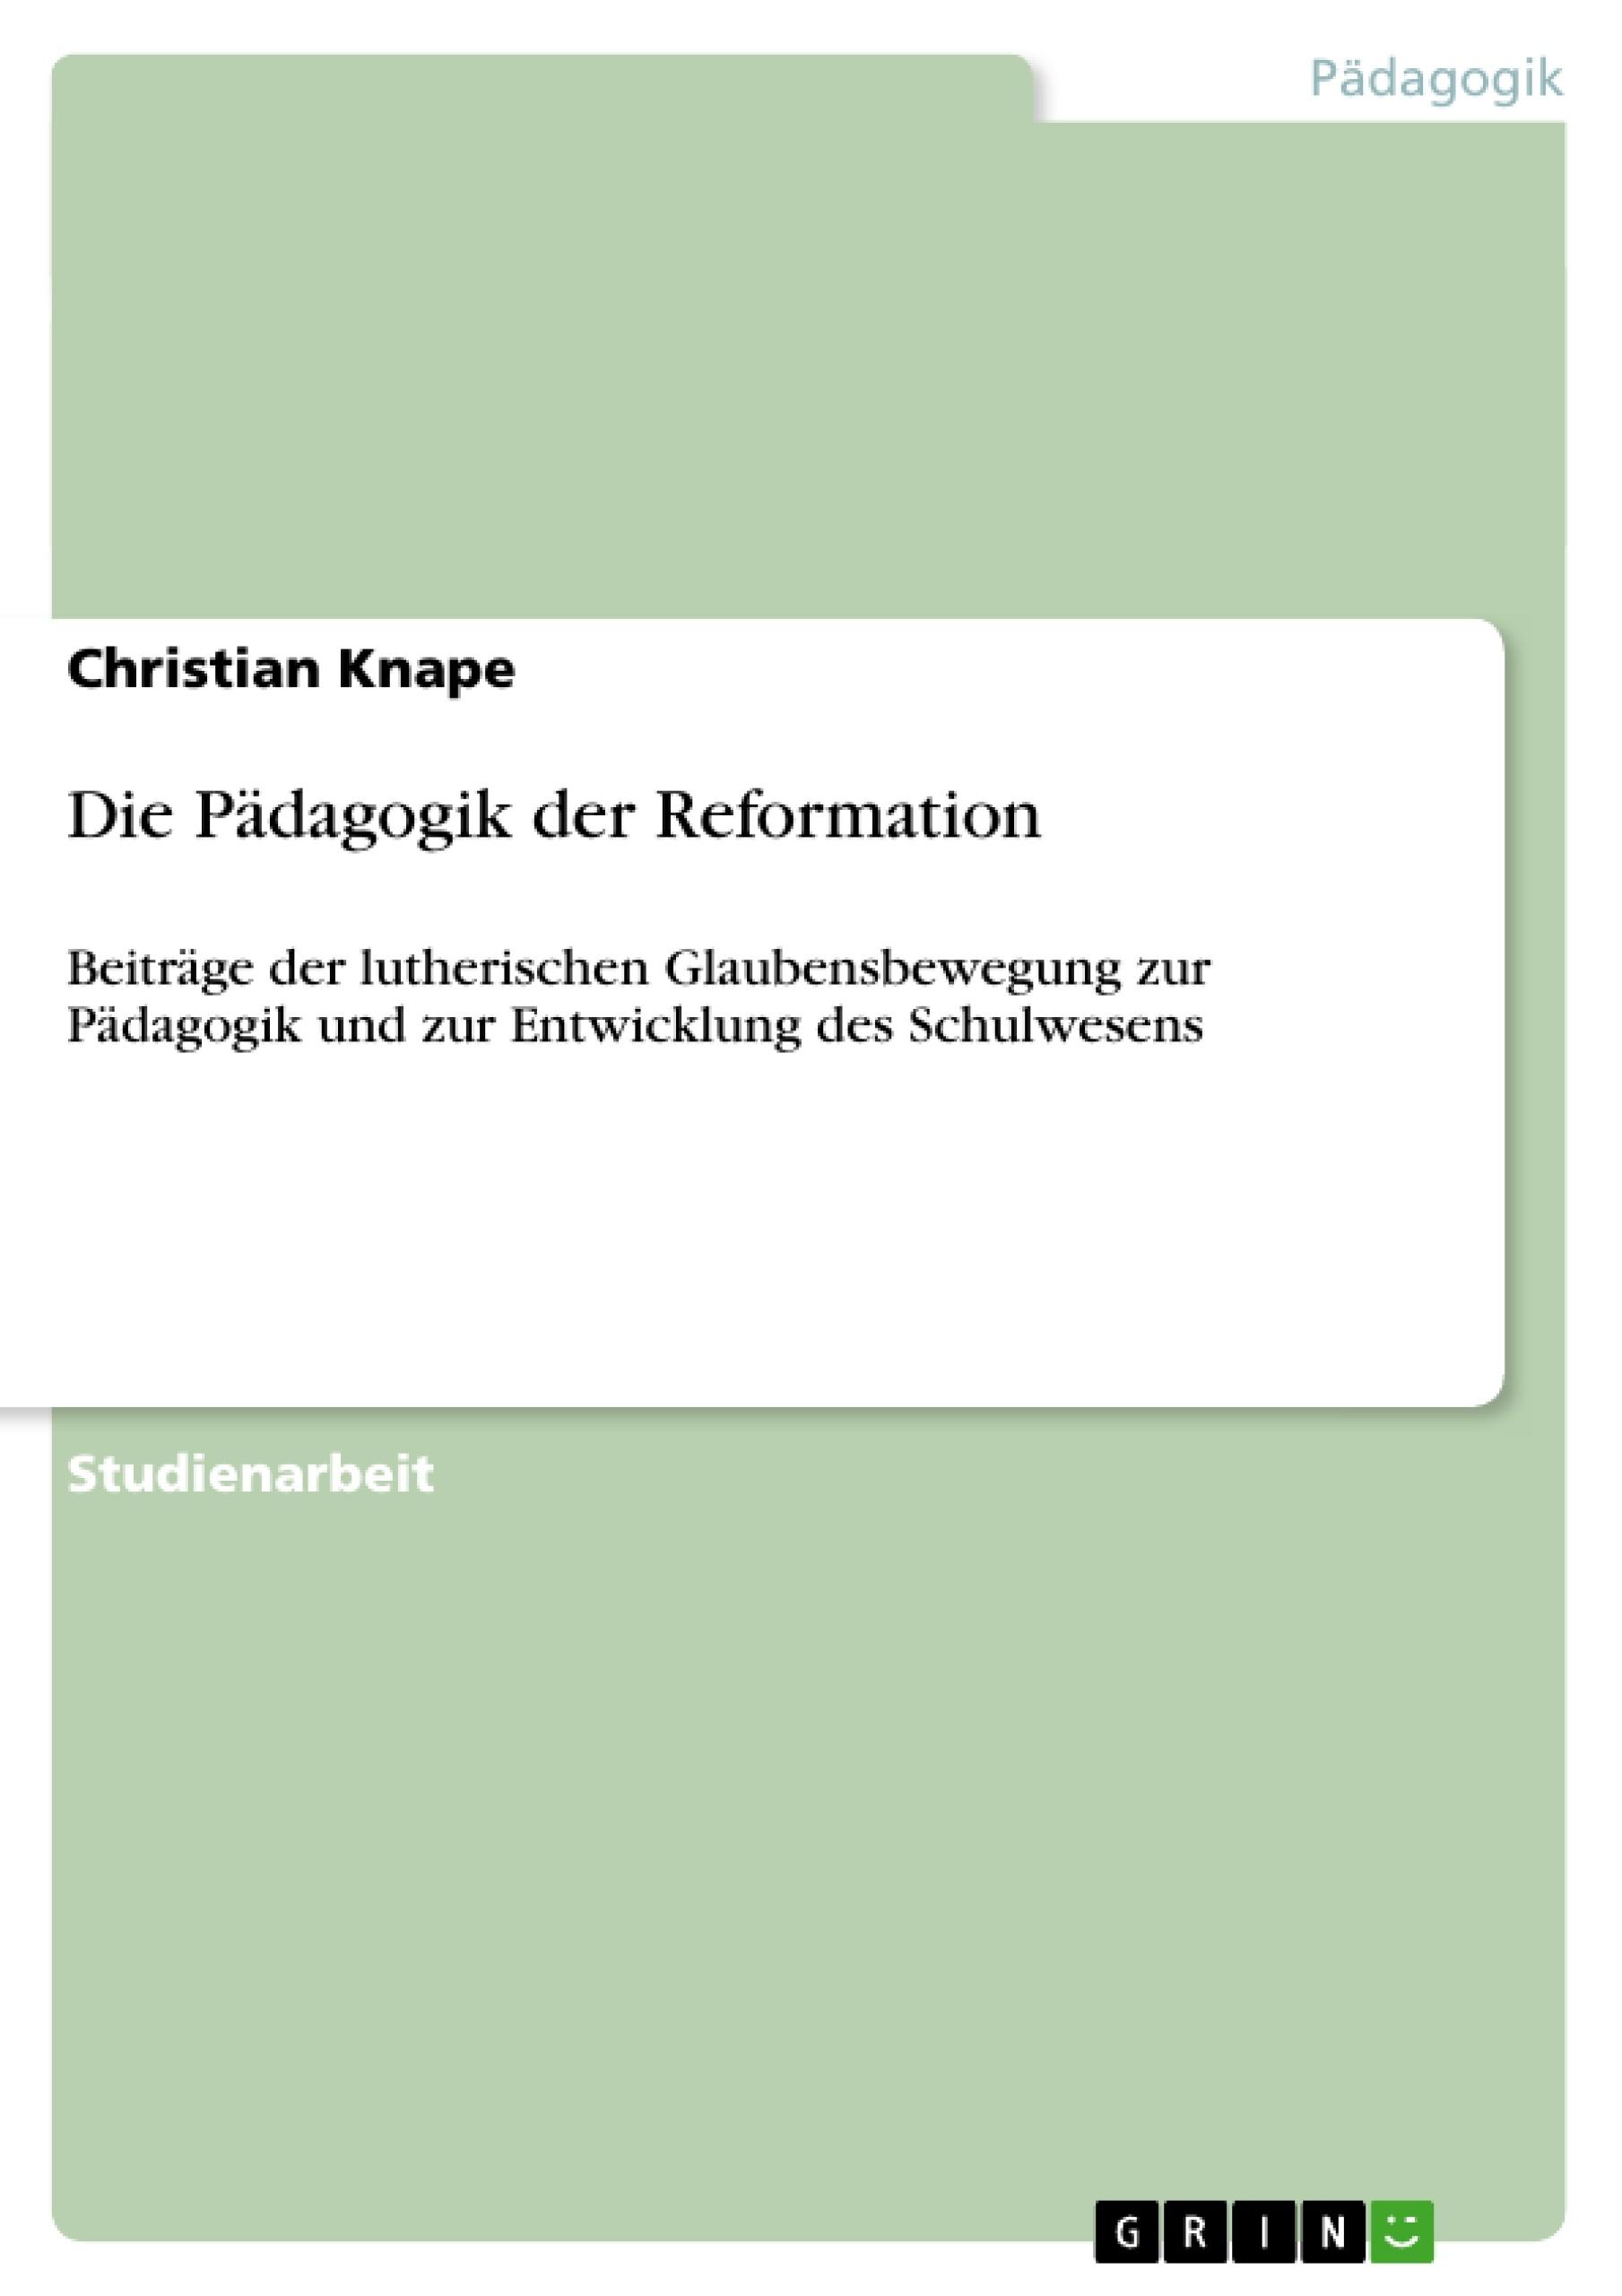 Titel: Die Pädagogik der Reformation